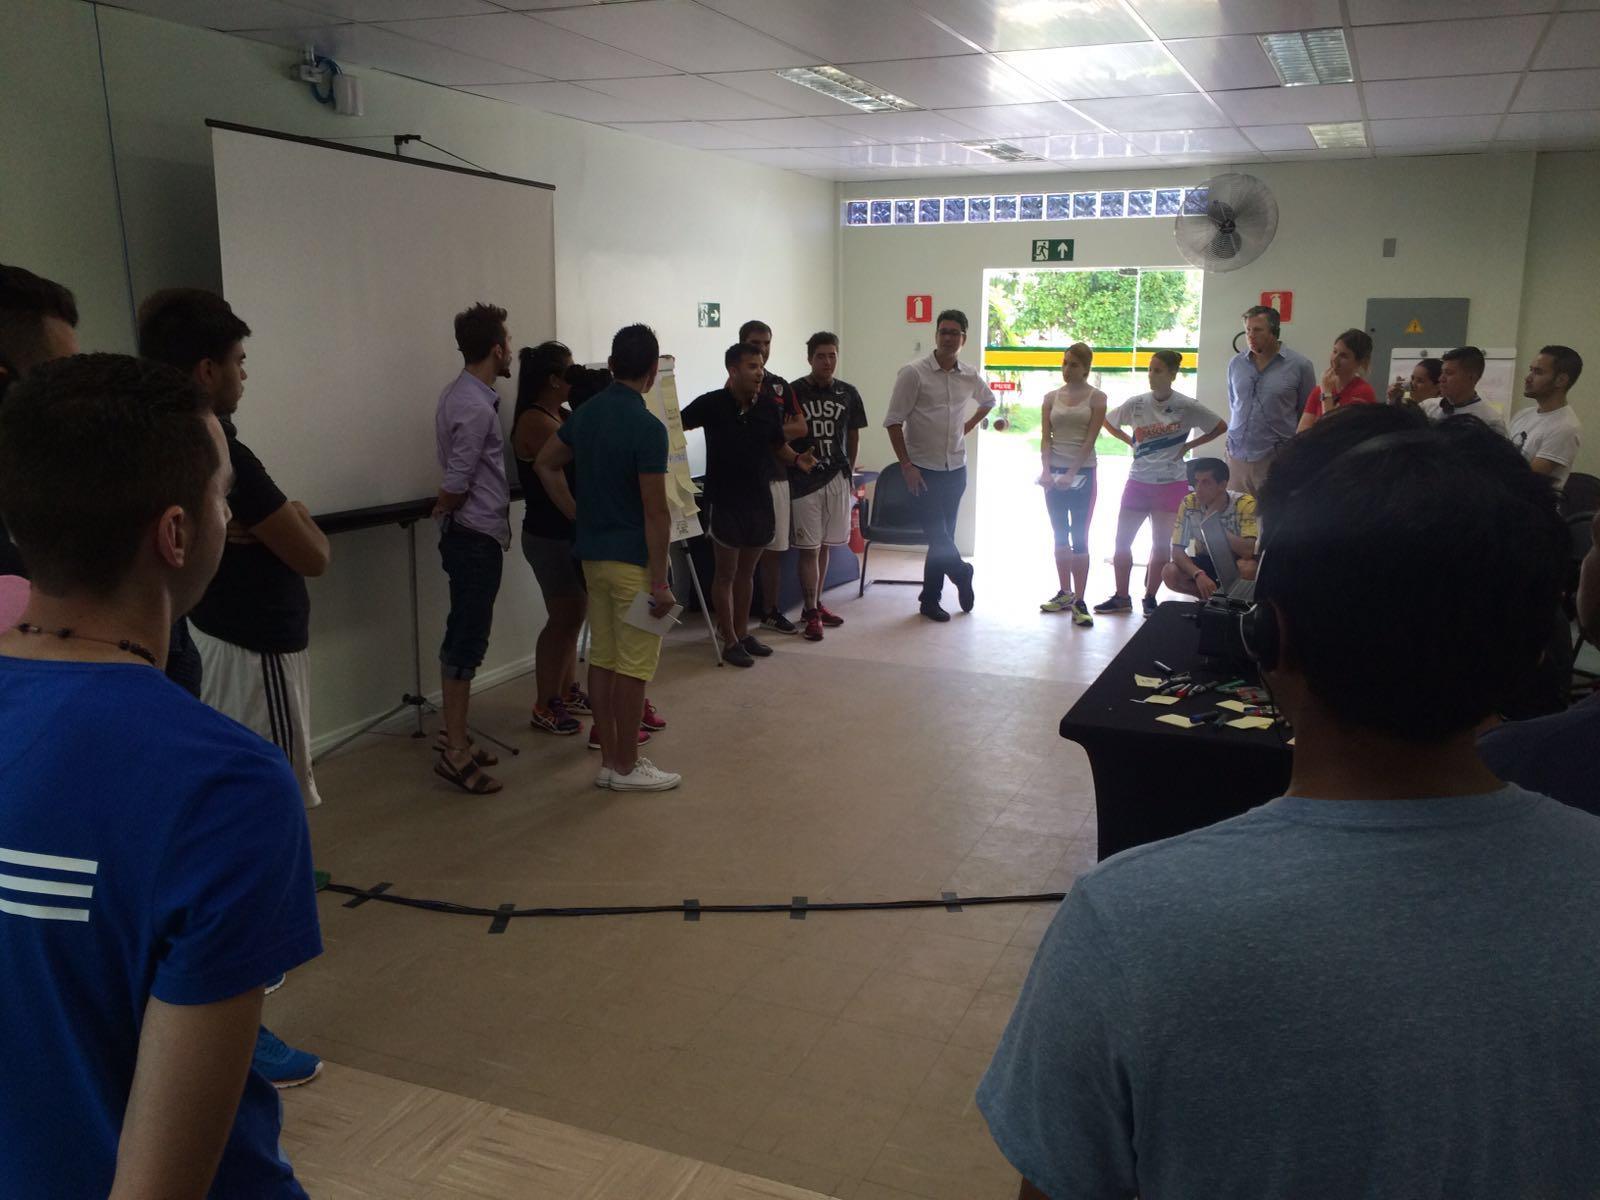 Participantes do evento apresentam seus projetos esportivos realizados em cada país.